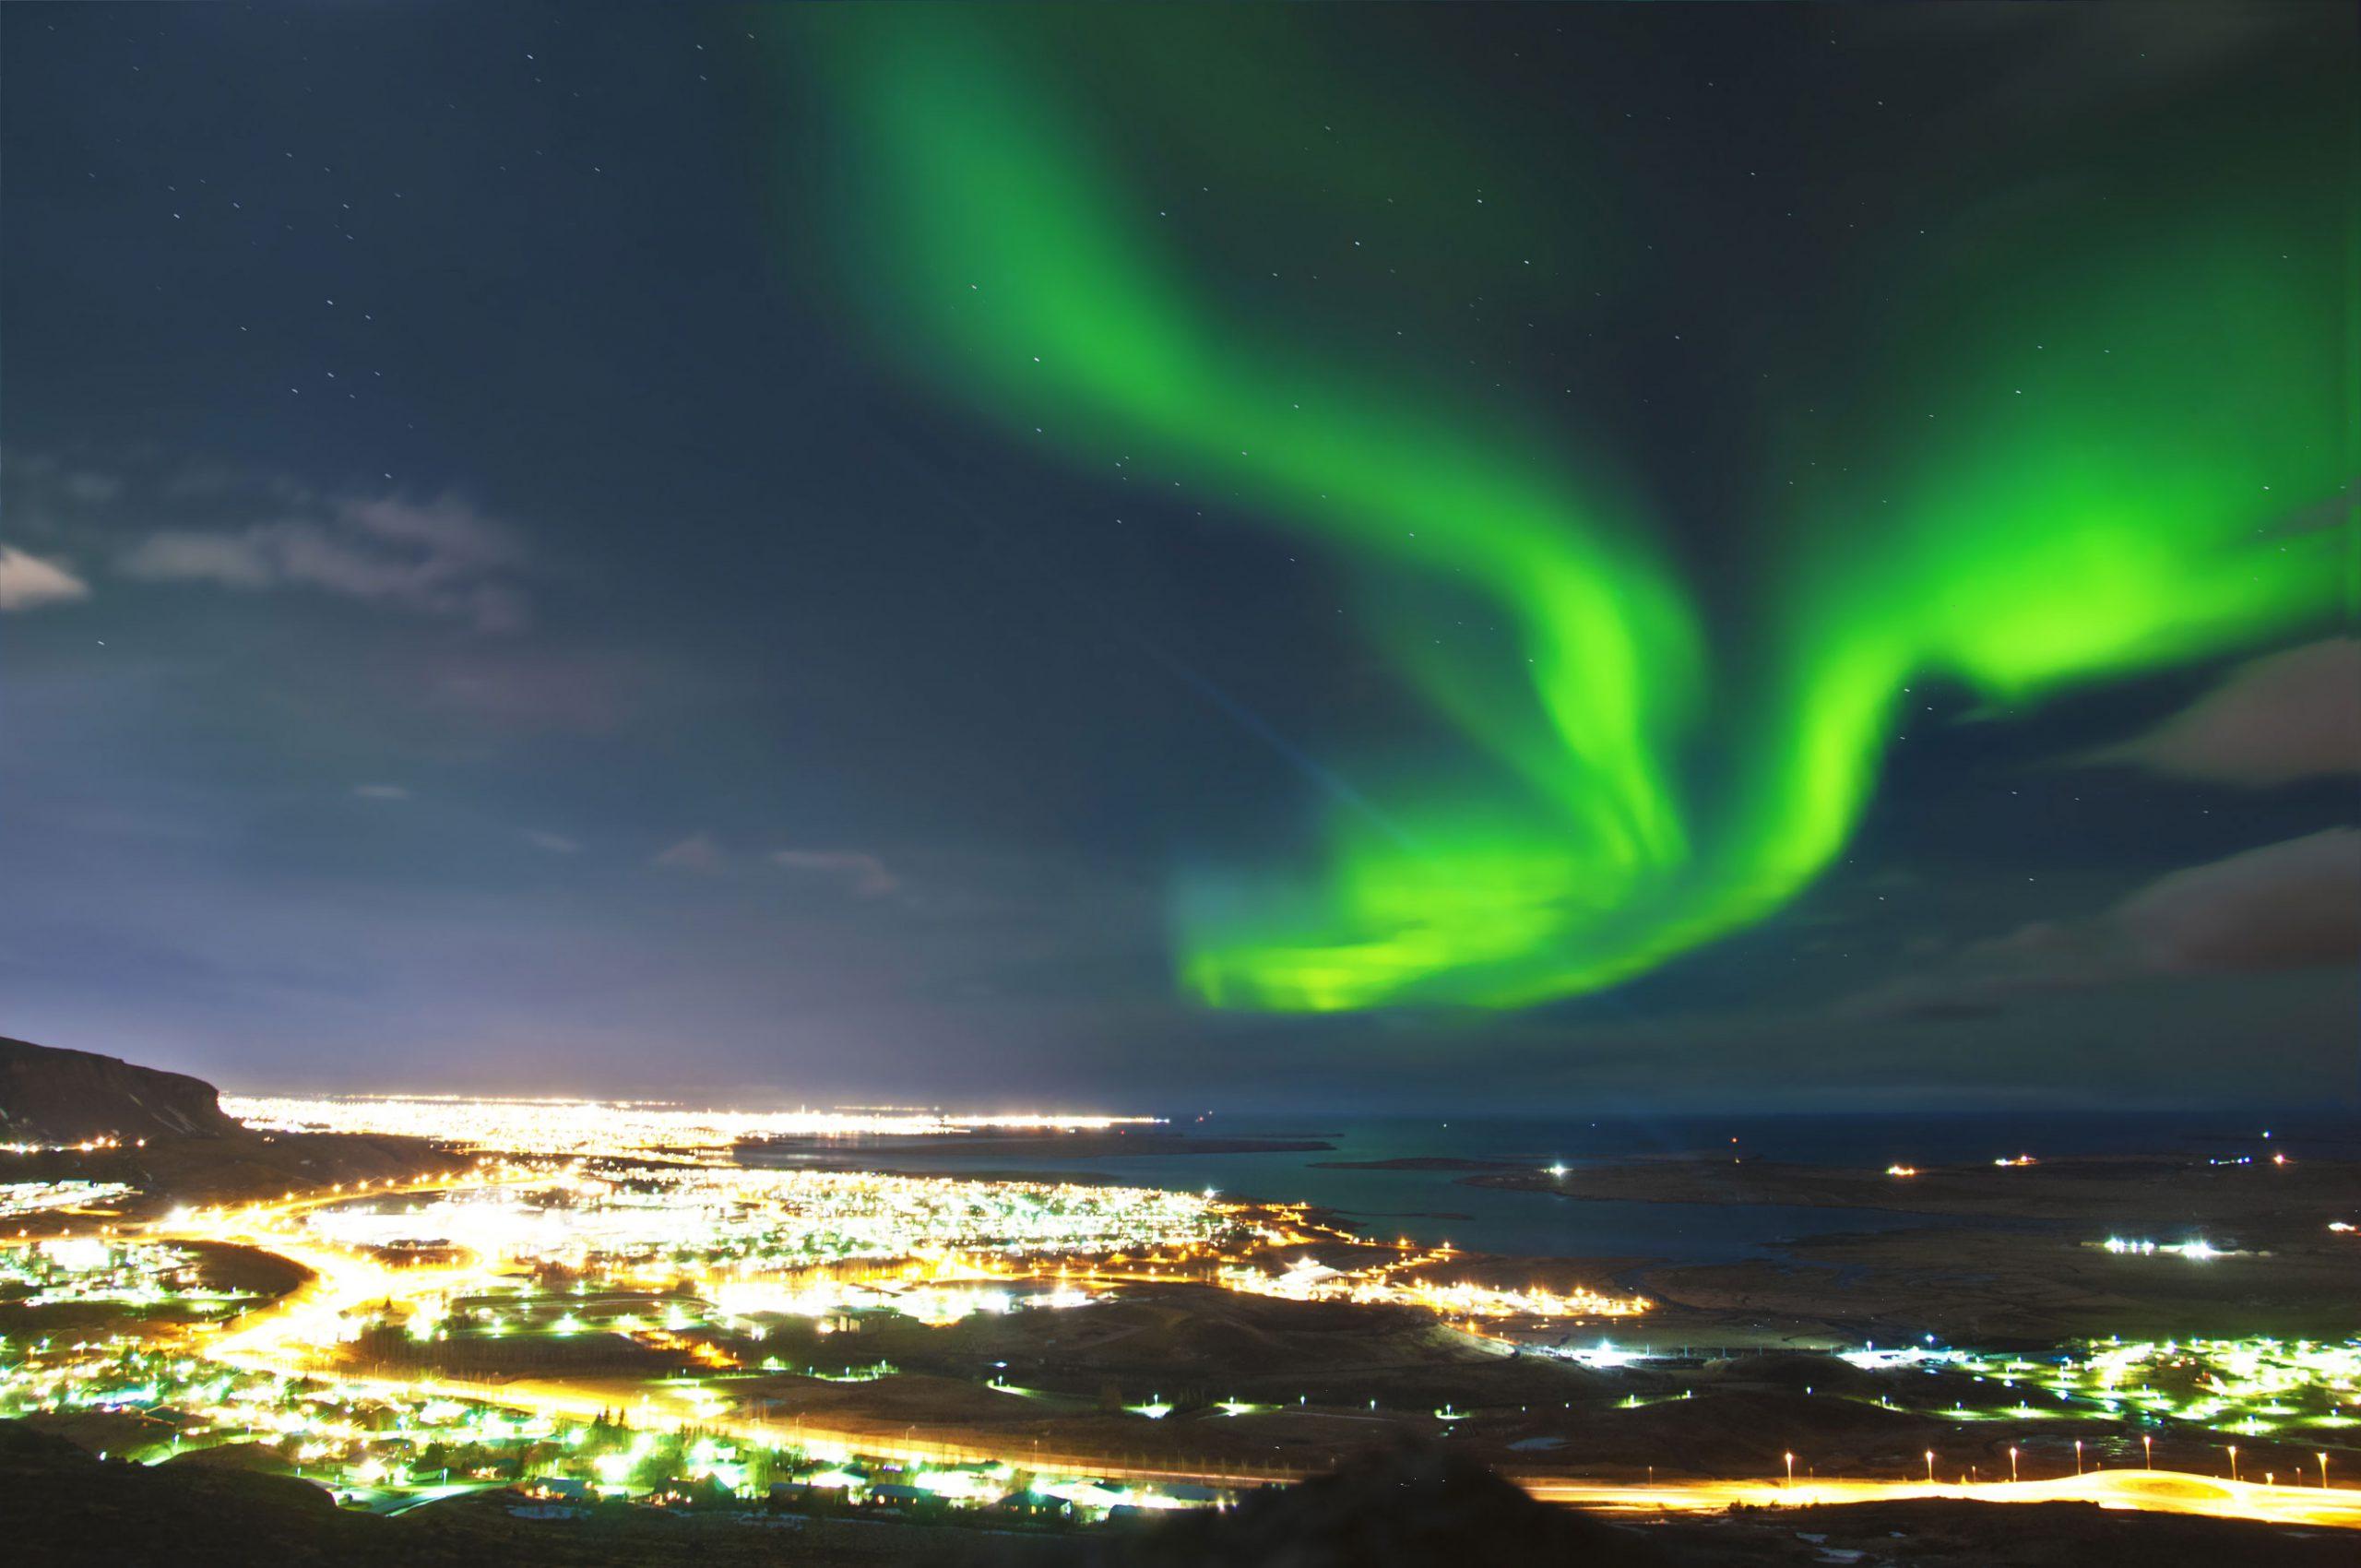 nordlys over Reykjavik Island kan man se det utsikt